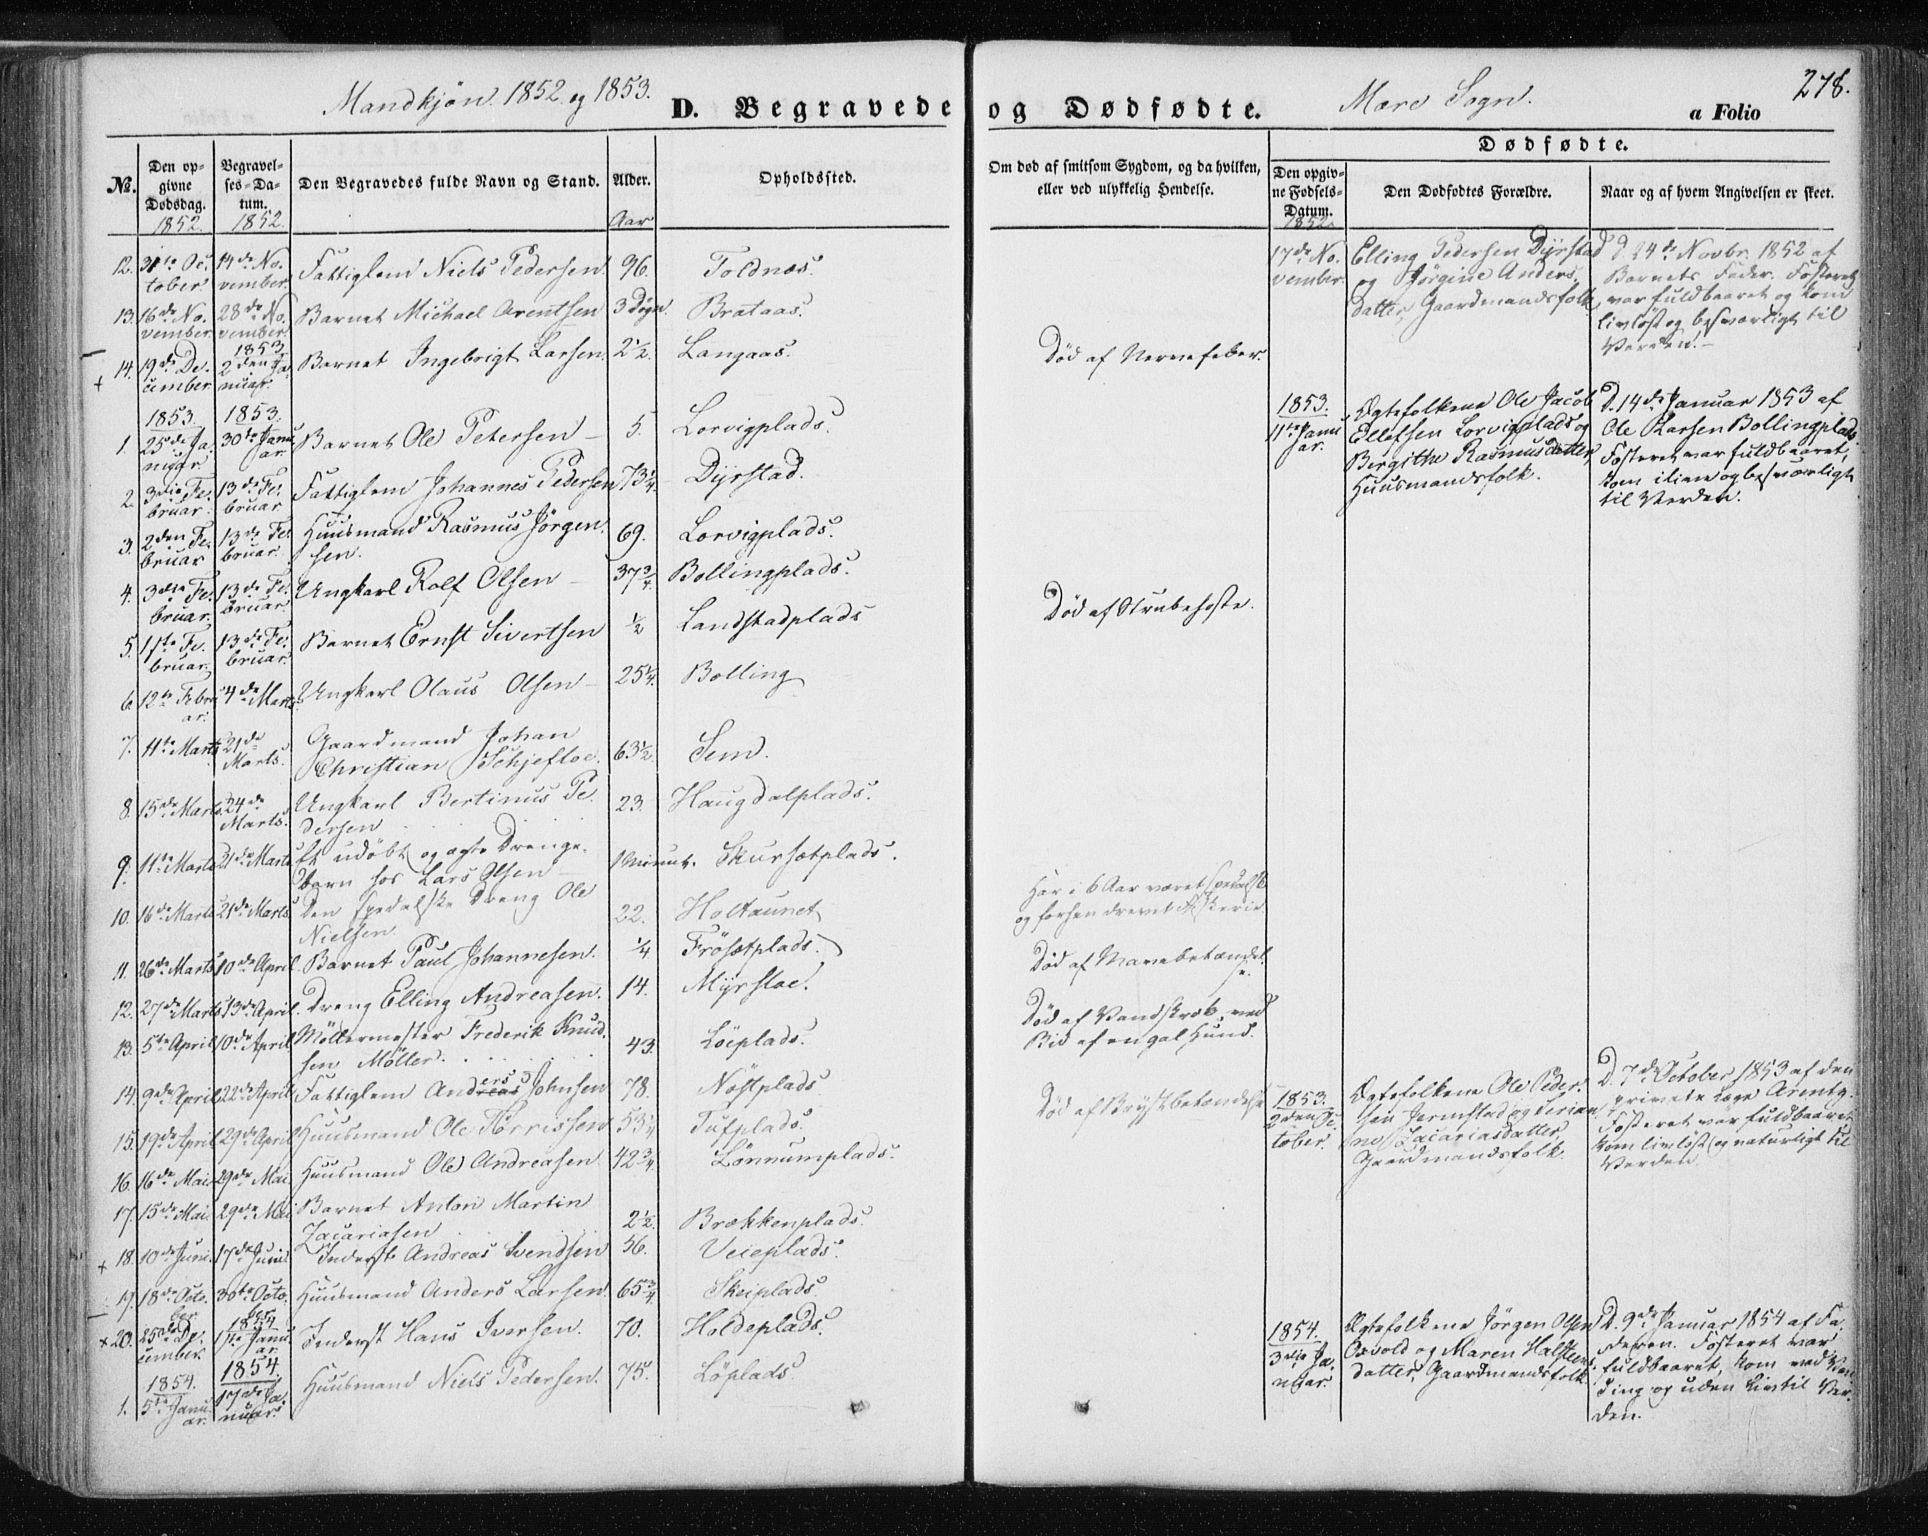 SAT, Ministerialprotokoller, klokkerbøker og fødselsregistre - Nord-Trøndelag, 735/L0342: Ministerialbok nr. 735A07 /1, 1849-1862, s. 278